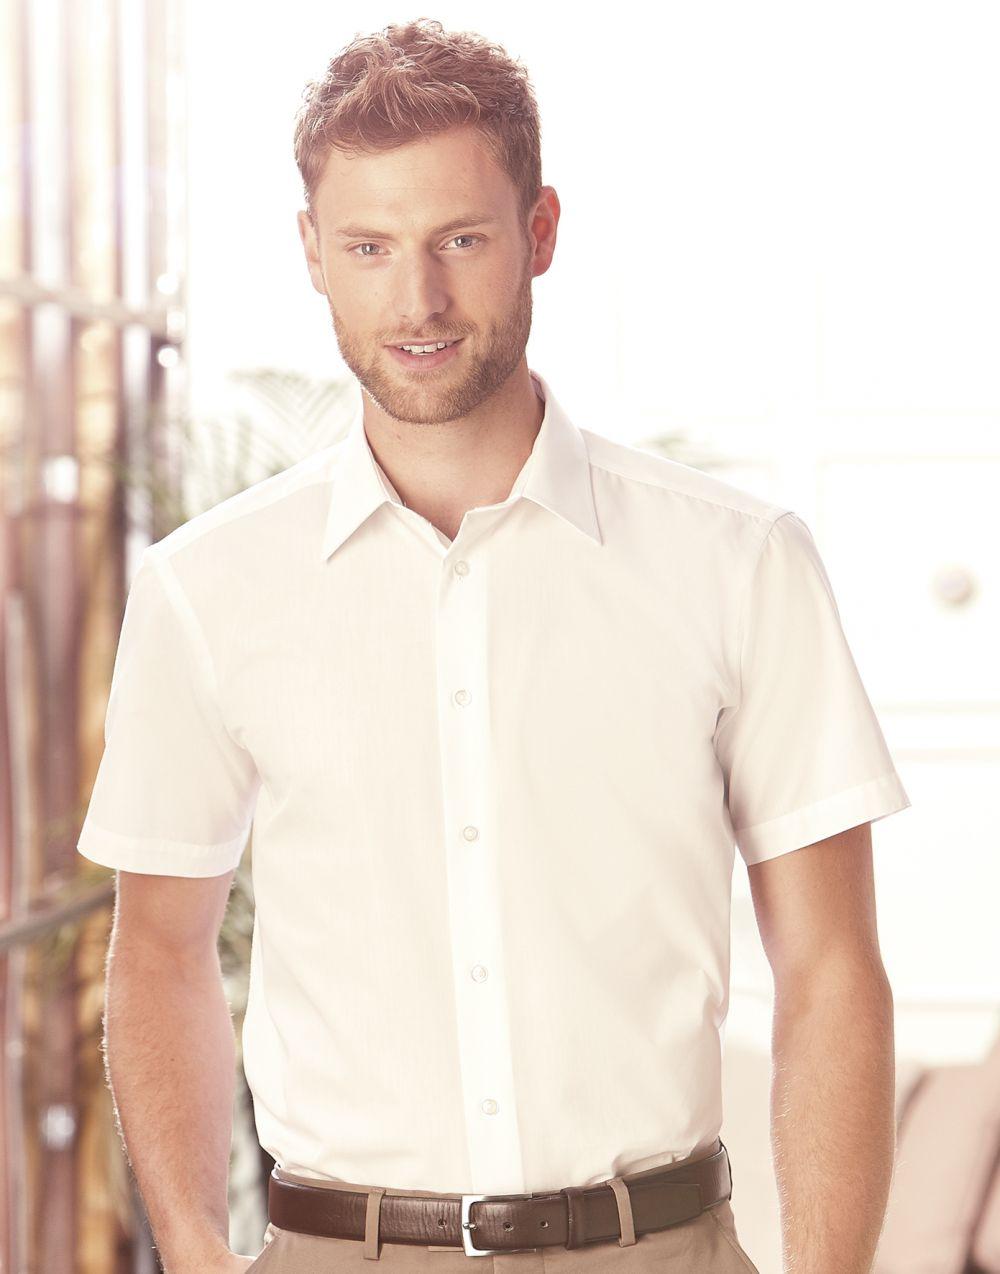 Camisas manga corta russell popelin manga corta hombre para personalizar vista 1